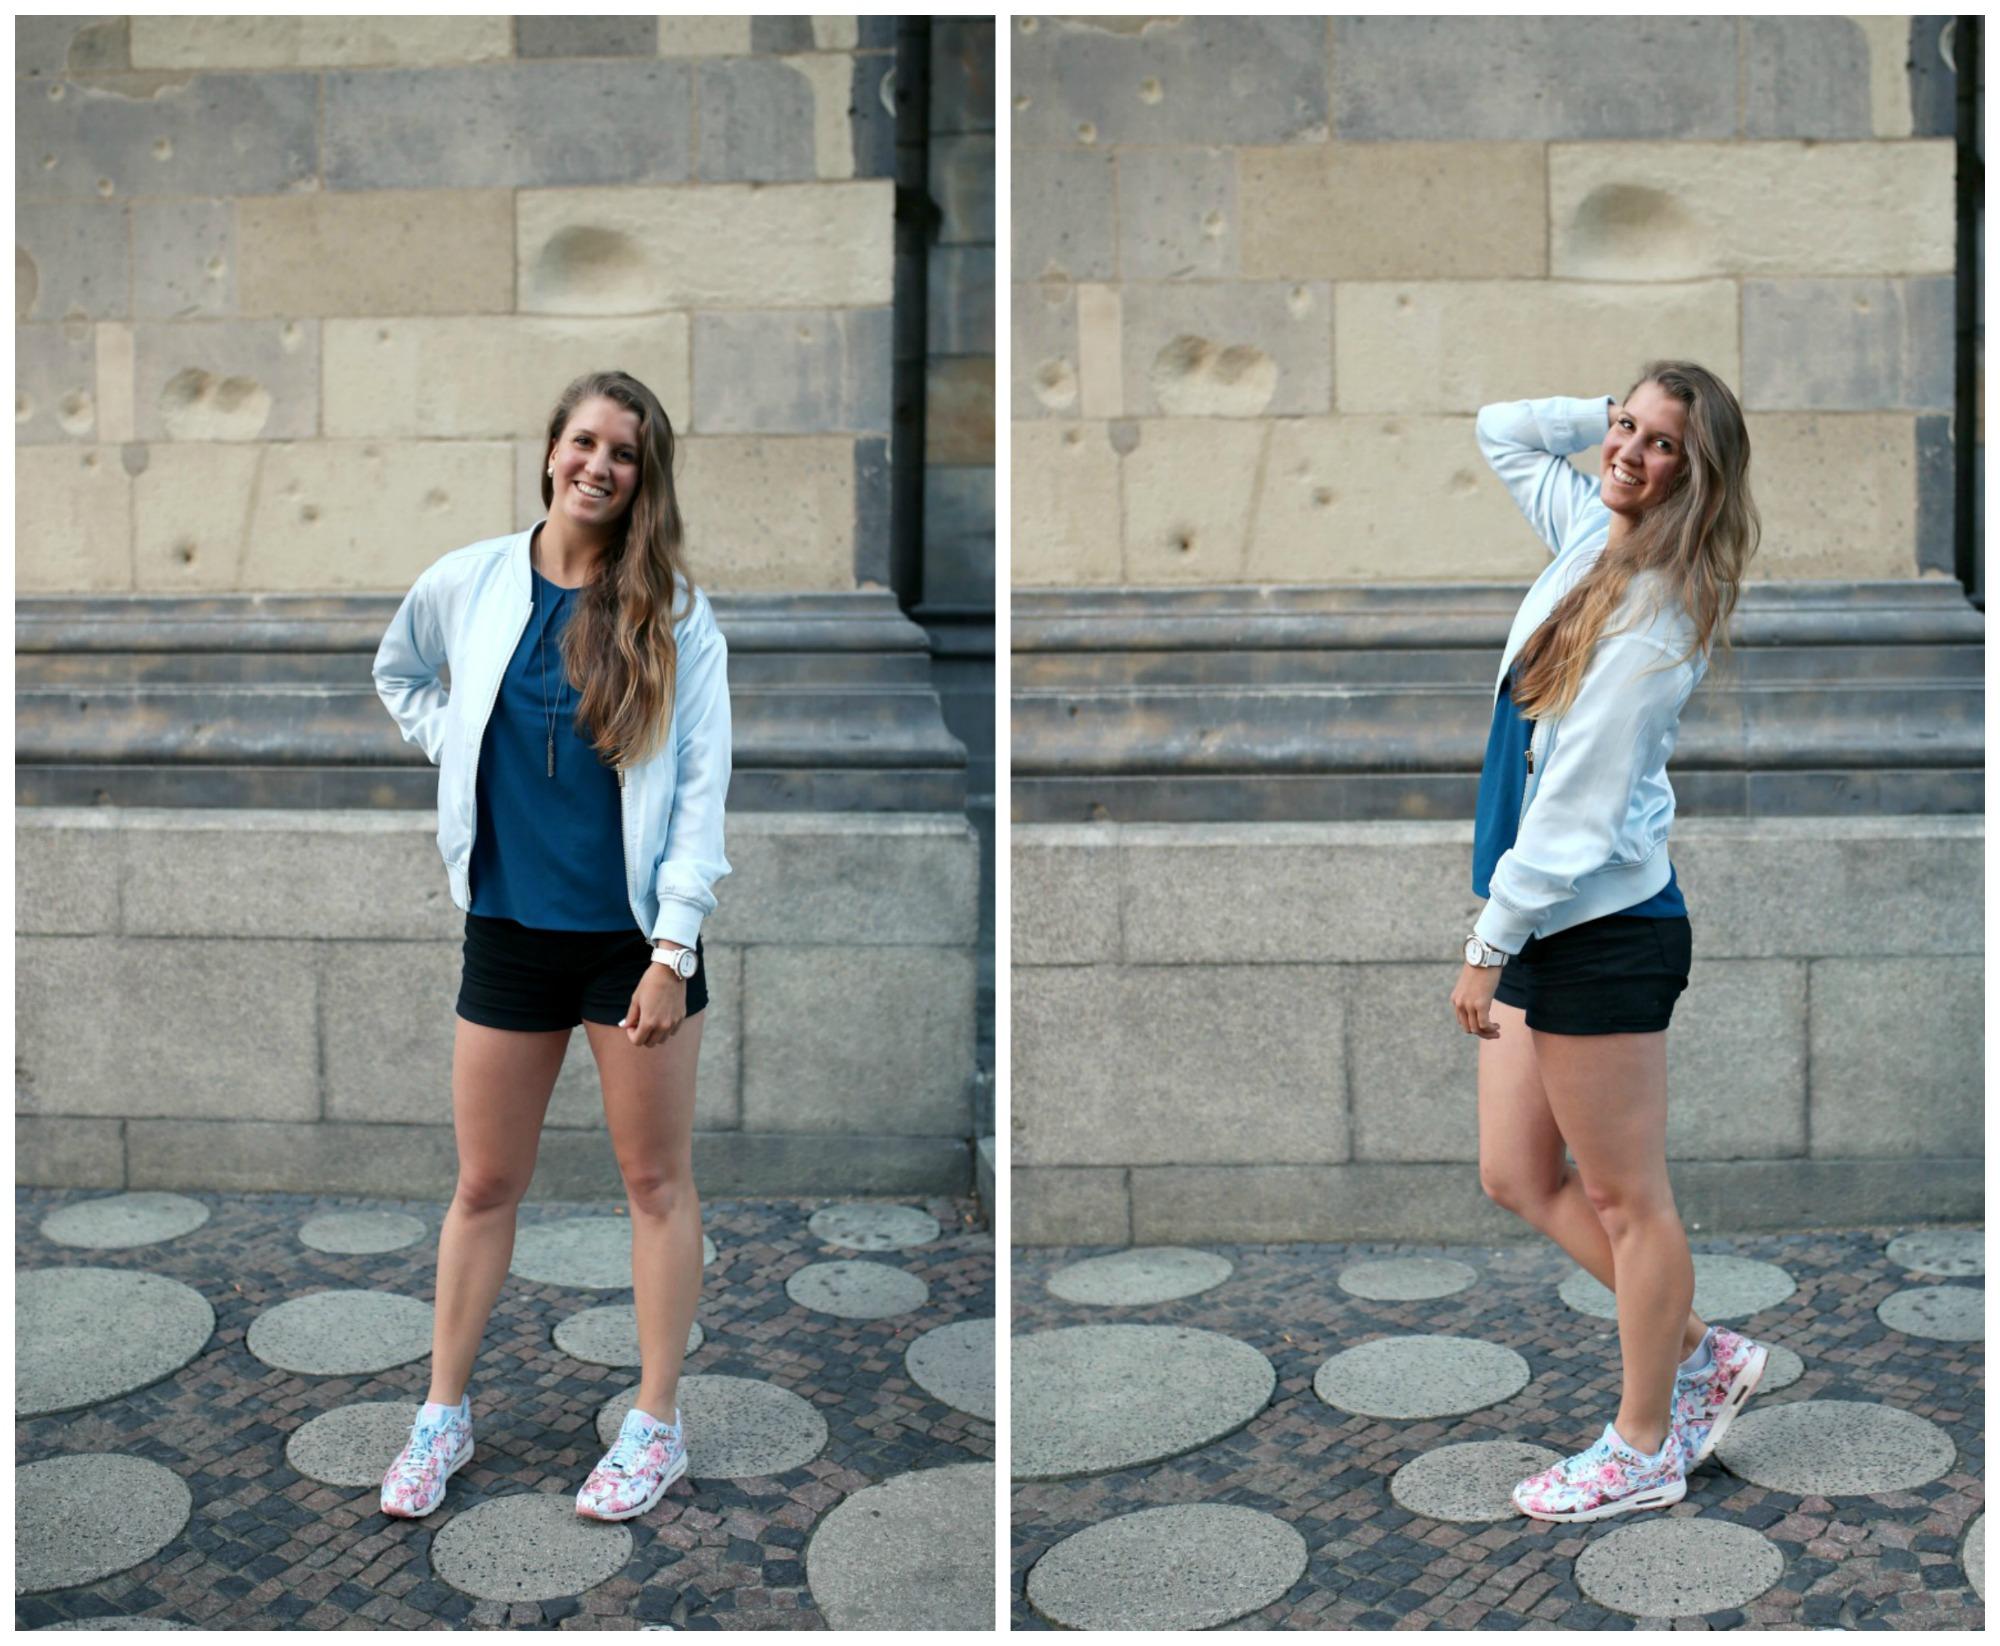 fitnessblog-persönlichkeitsentwicklung-sport-gesundheit-fit-blogger-österreich-gesundheit-klara-fuchs-fitness-persönlichkeit-motivation-9